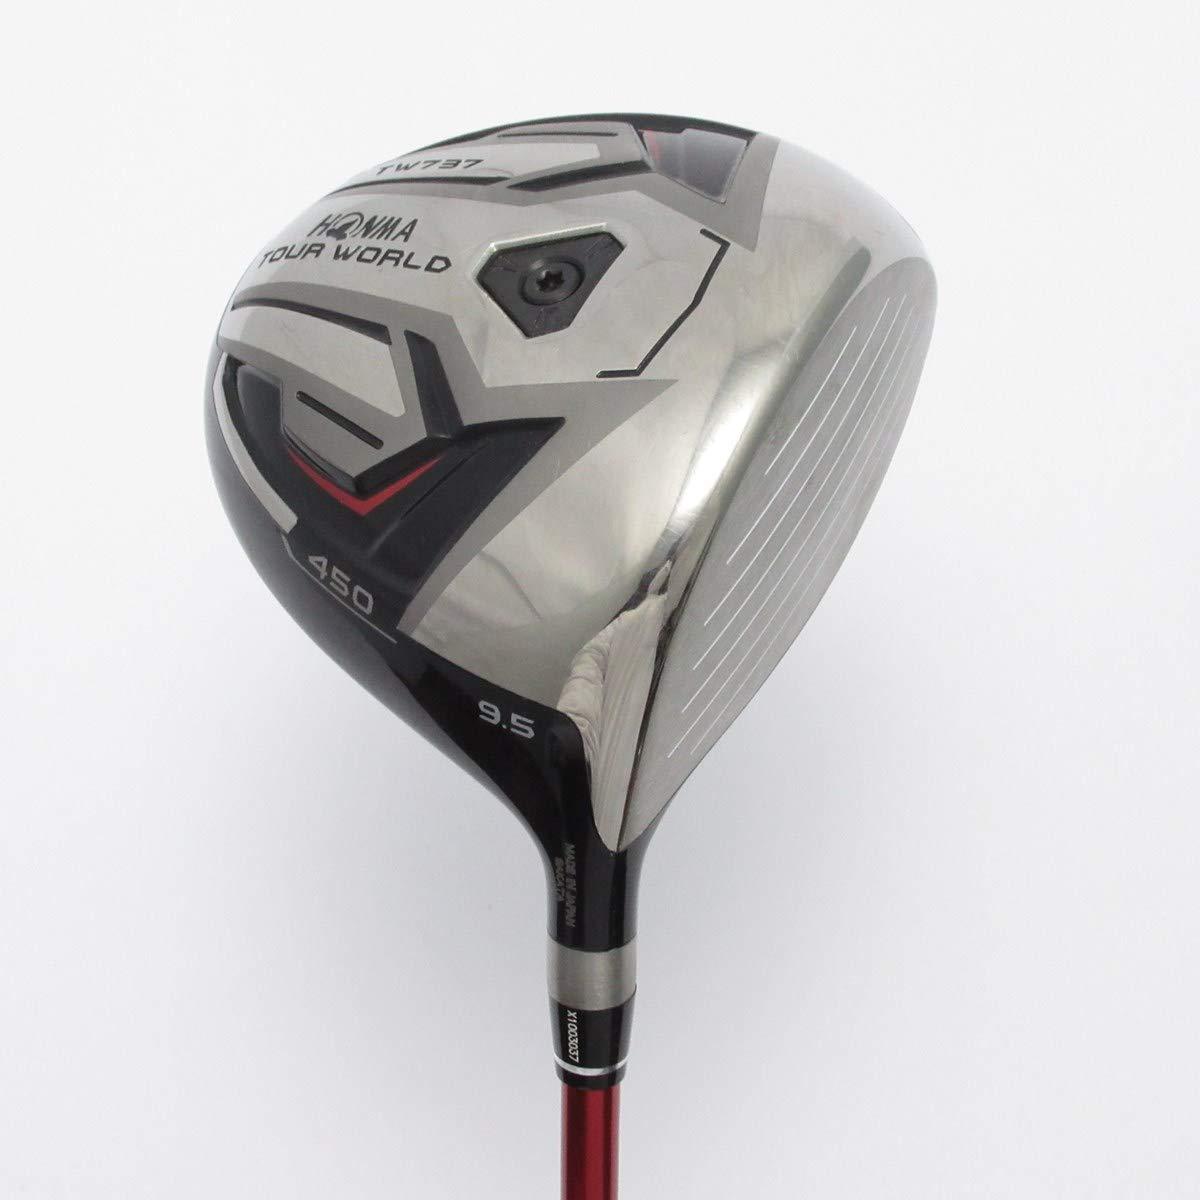 【中古】本間ゴルフ TOUR WORLD ツアーワールド TW737 450 ドライバー VIZARD EX-C65 B07QWFVHPV  S